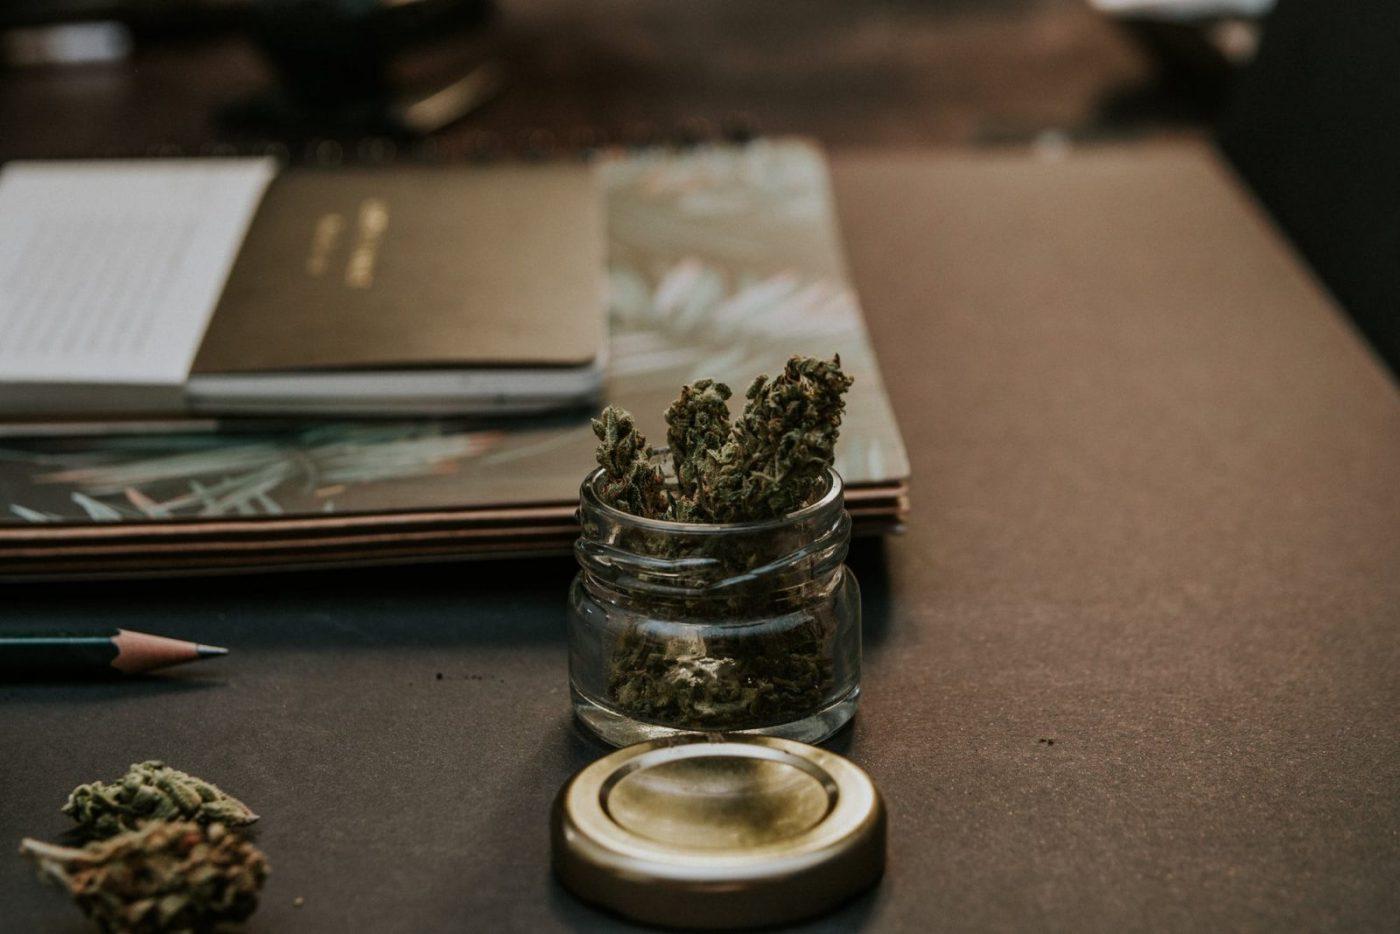 legal cannabis cafe